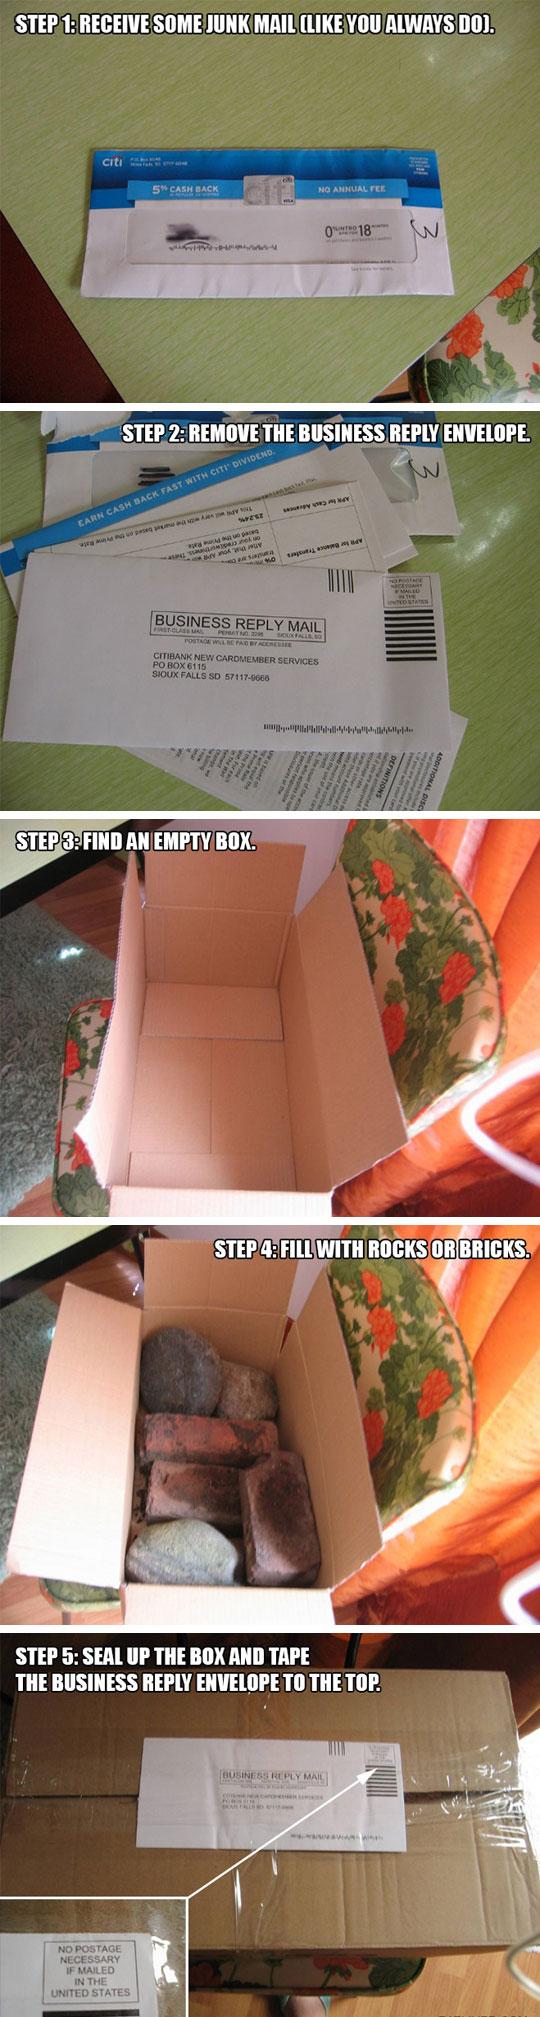 cool-envelope-prank-junk-mail